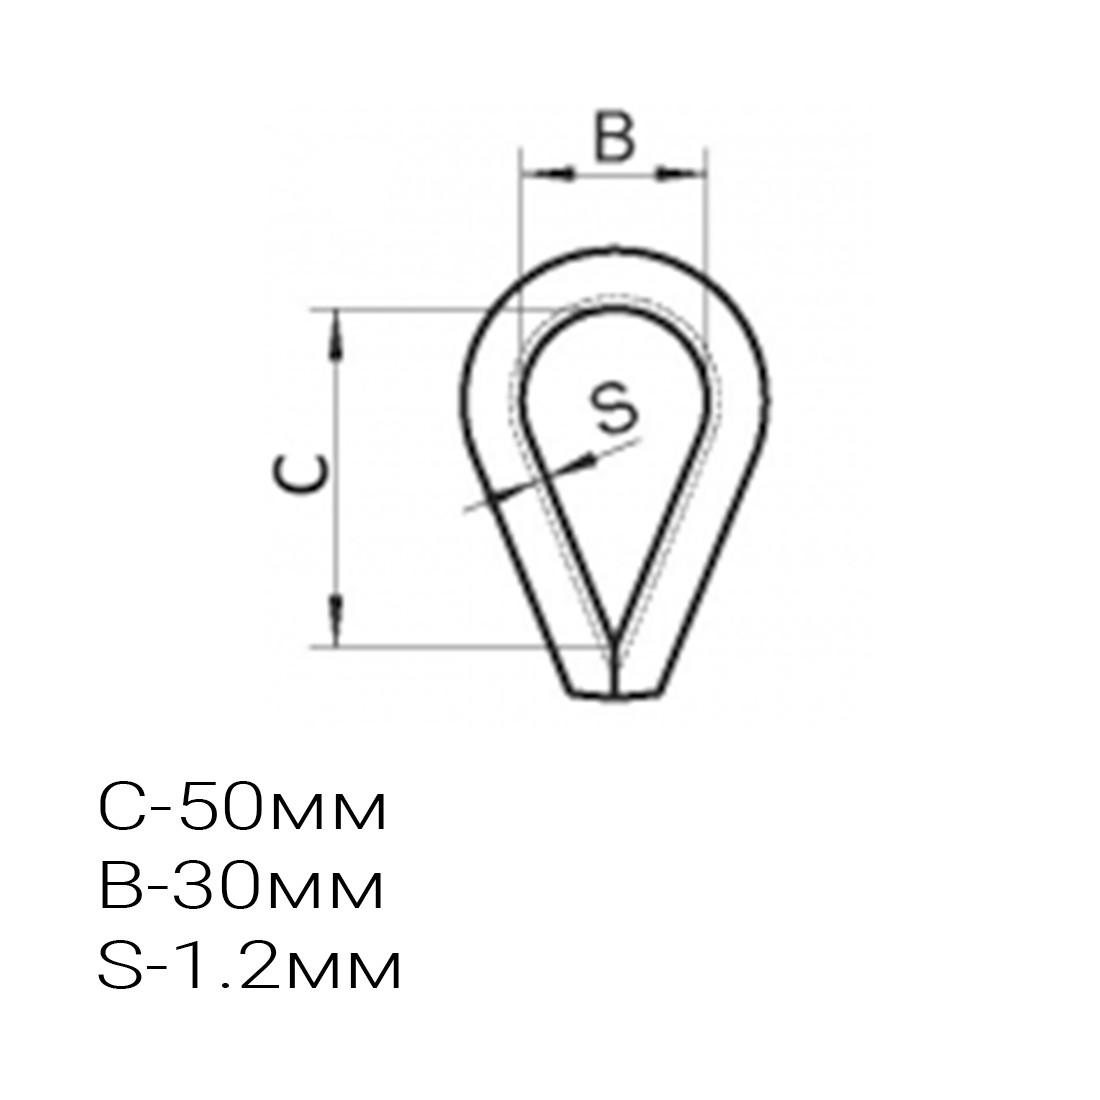 Коуш для стальных канатов, А-Оптик, АО-T1